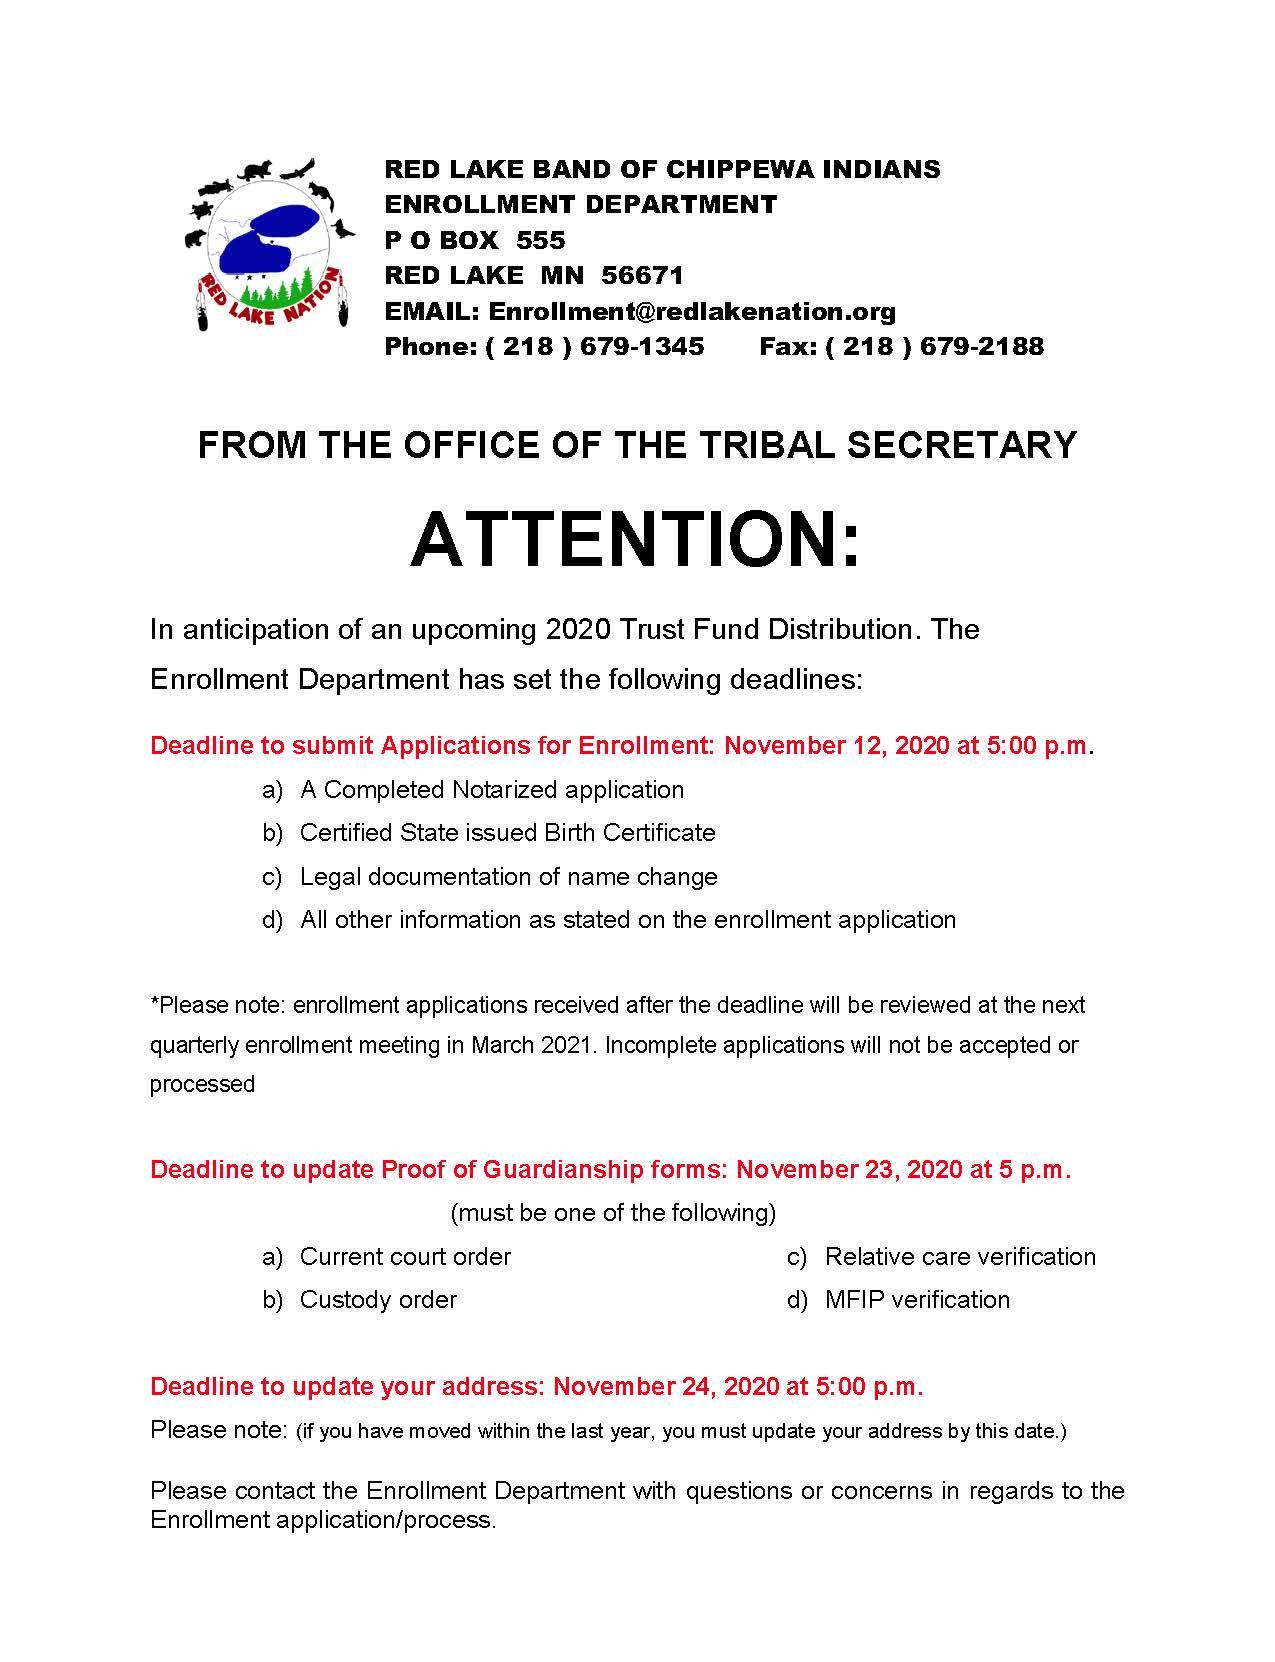 Enrollment deadlines 2020